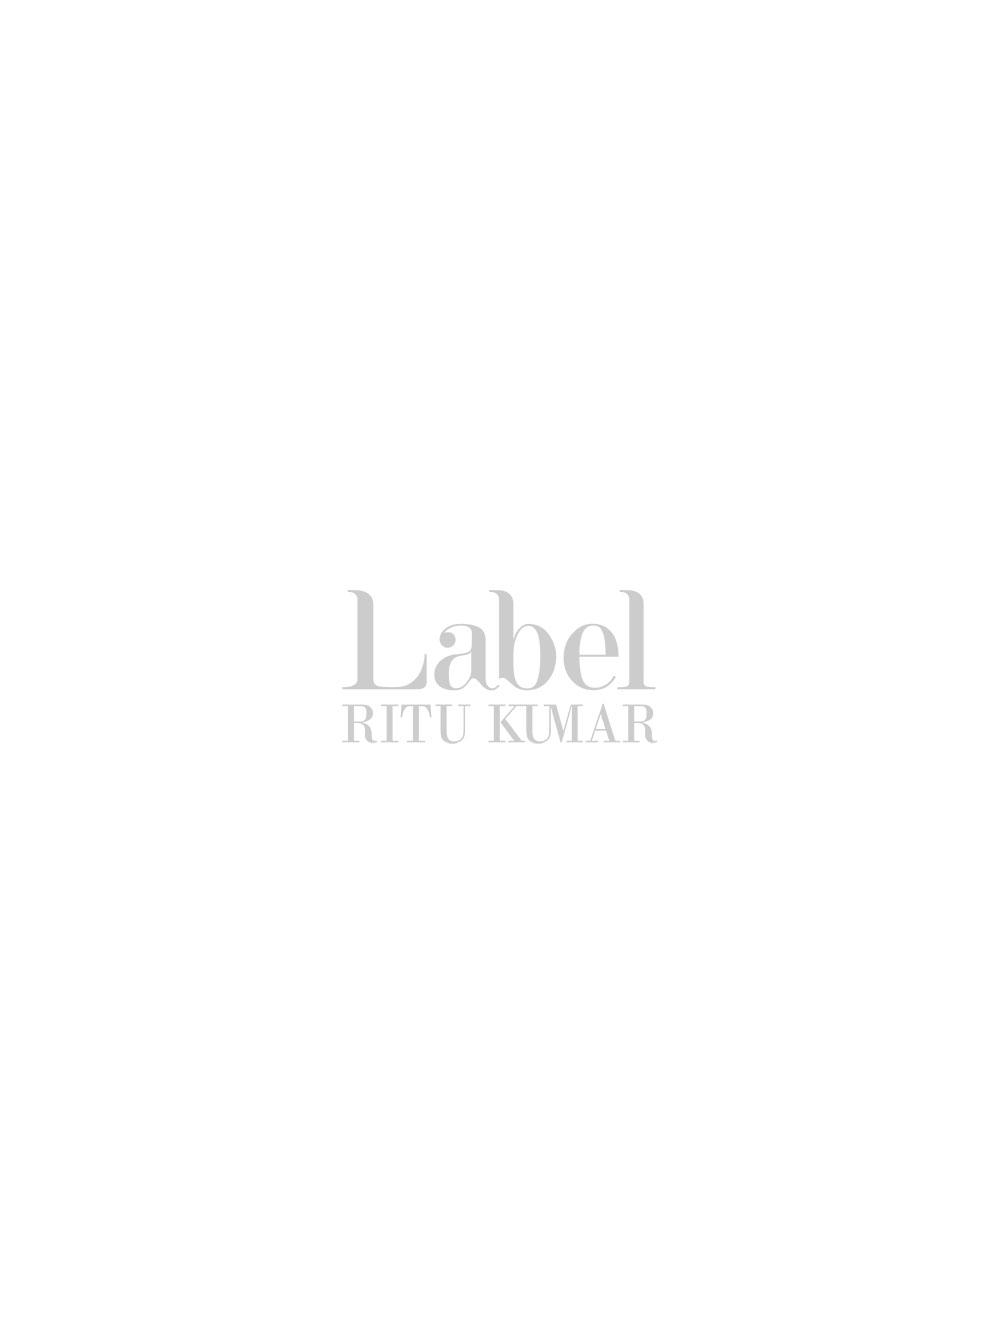 630b76fd8 Label Ritu Kumar